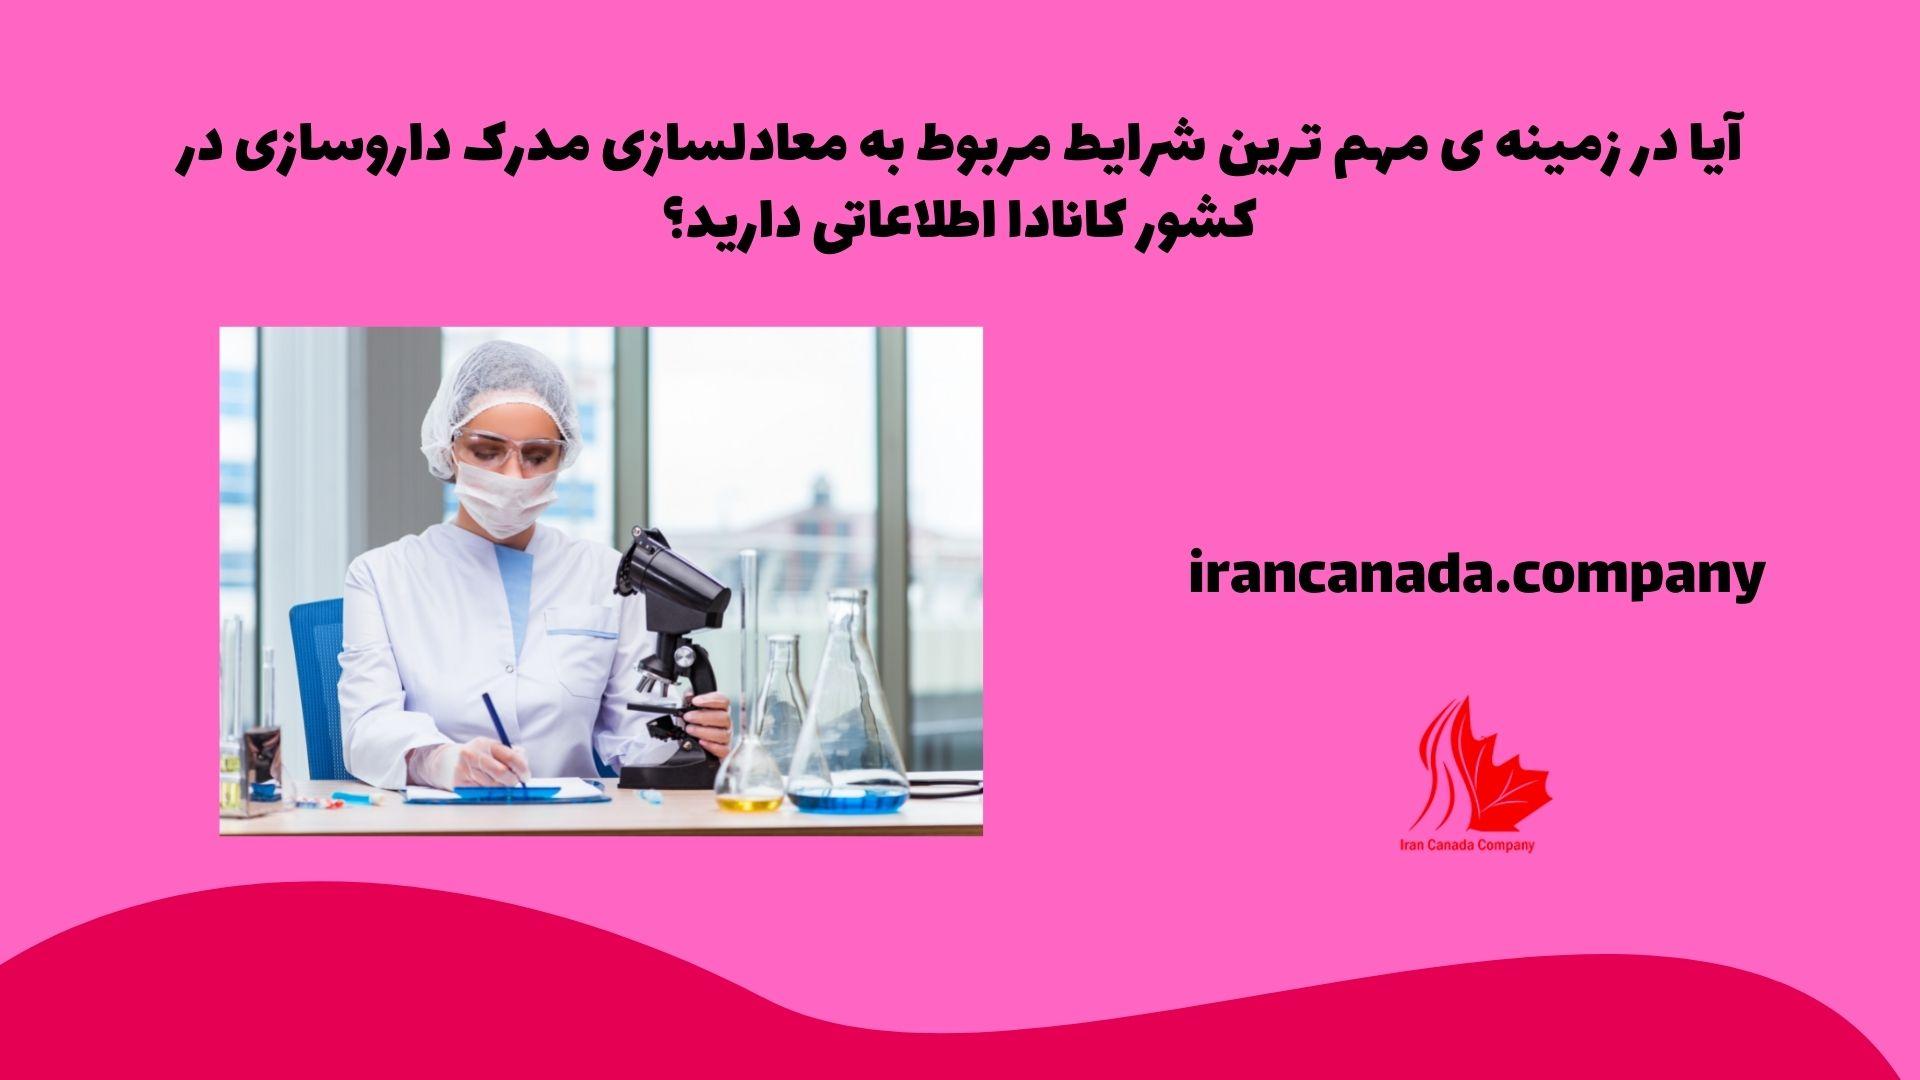 آیا در زمینه ی مهم ترین شرایط مربوط به معادلسازی مدرک داروسازی در کشور کانادا اطلاعاتی دارید؟